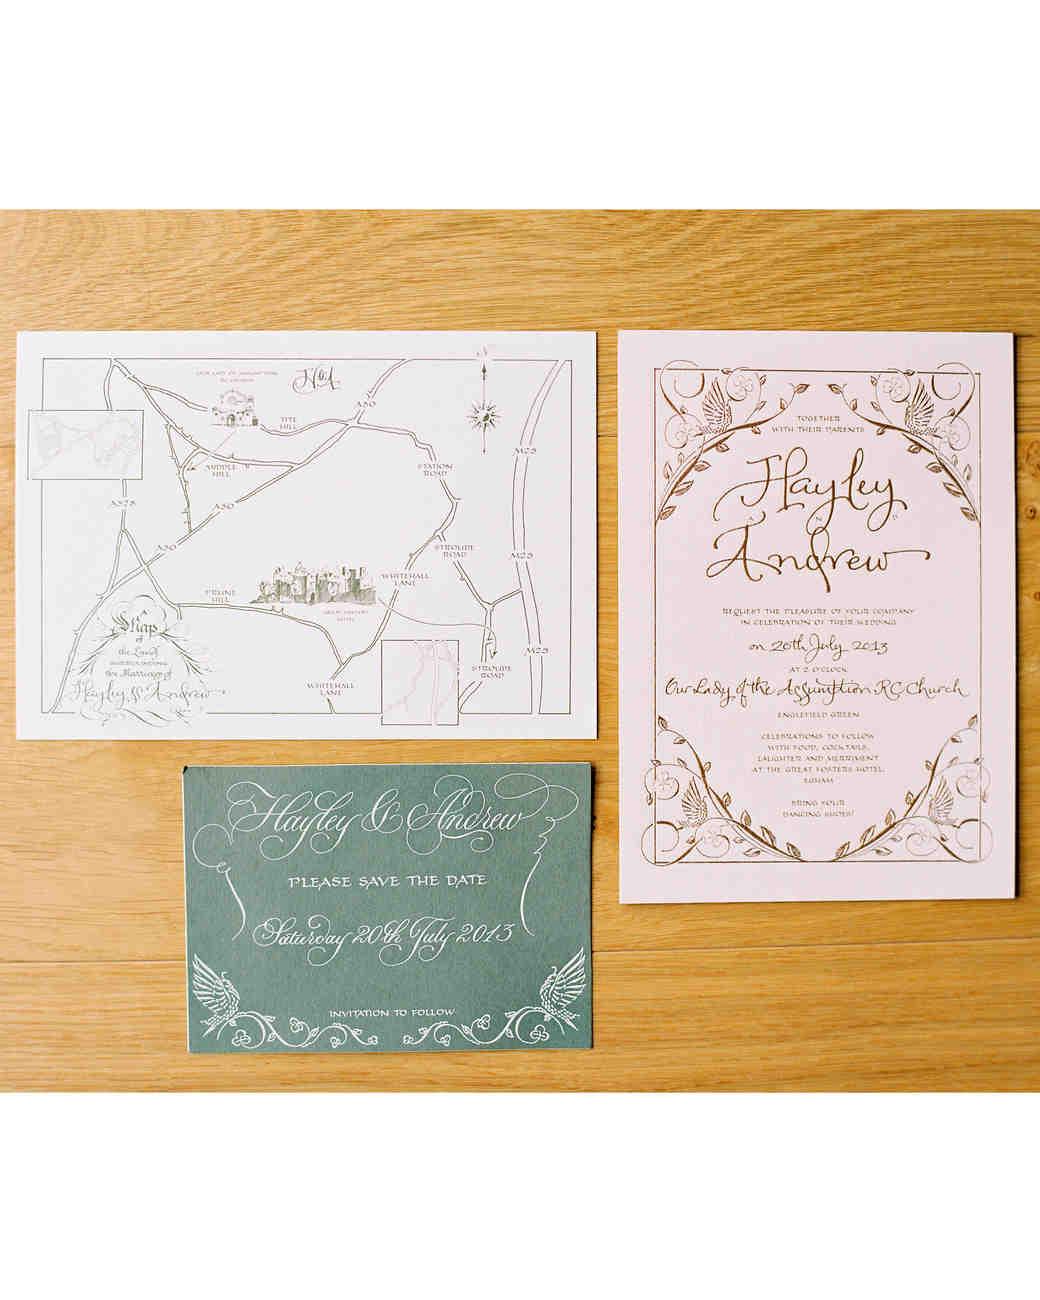 hayley-andrew-wedding-invite-horizontal-0714.jpg